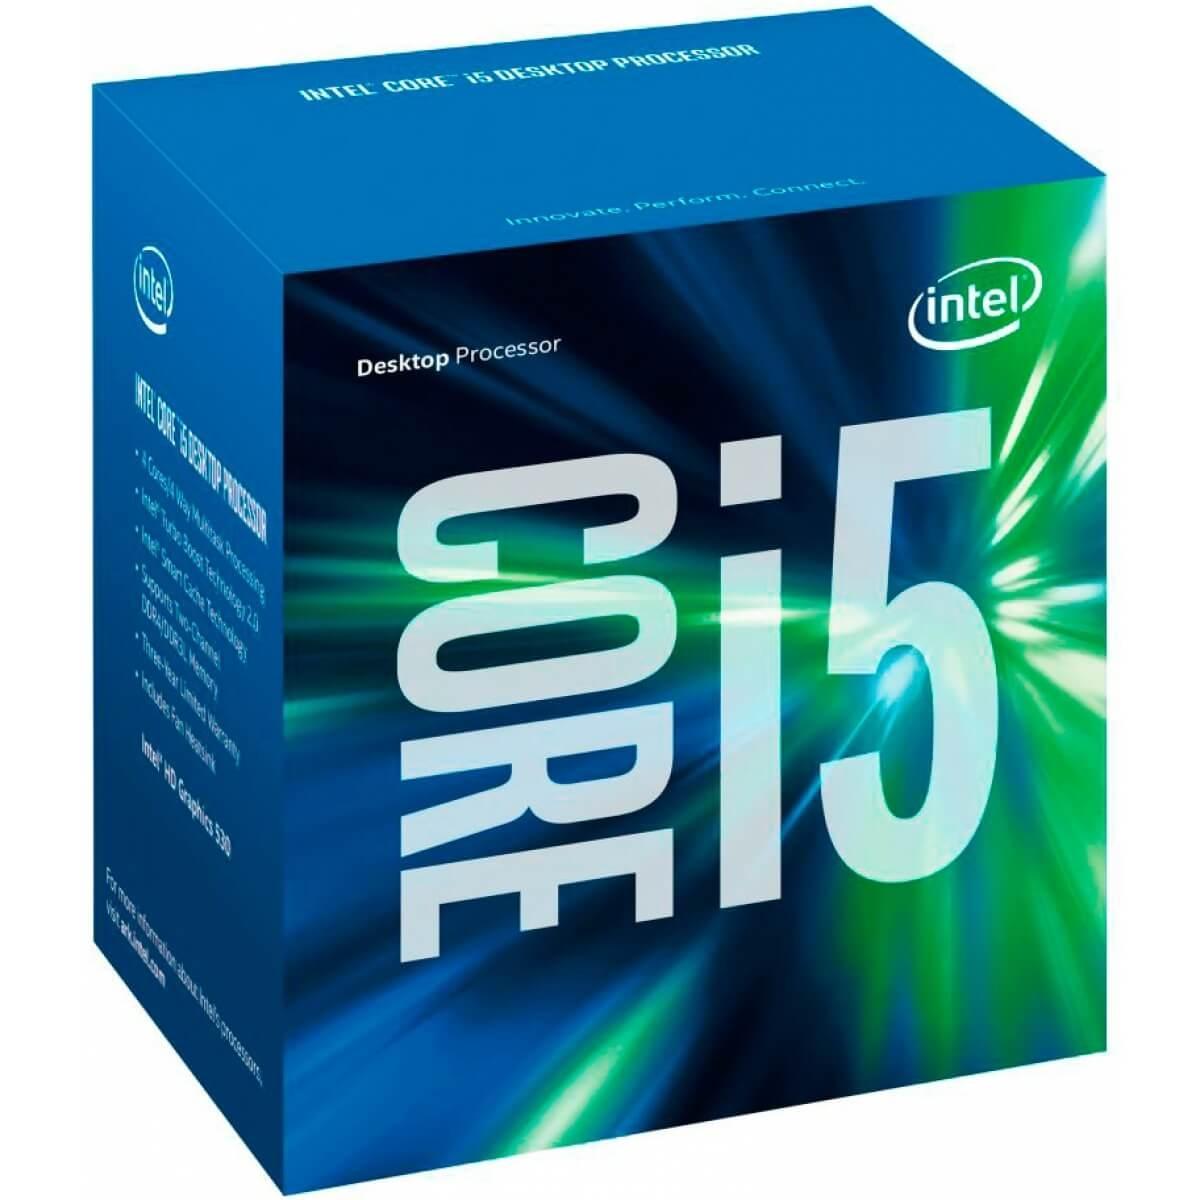 Processador Intel Core i5 7600 3.5GHz (4.1GHz Turbo), 7ª Geração, 4-Core 4-Thread, LGA 1151, BX80677I57600